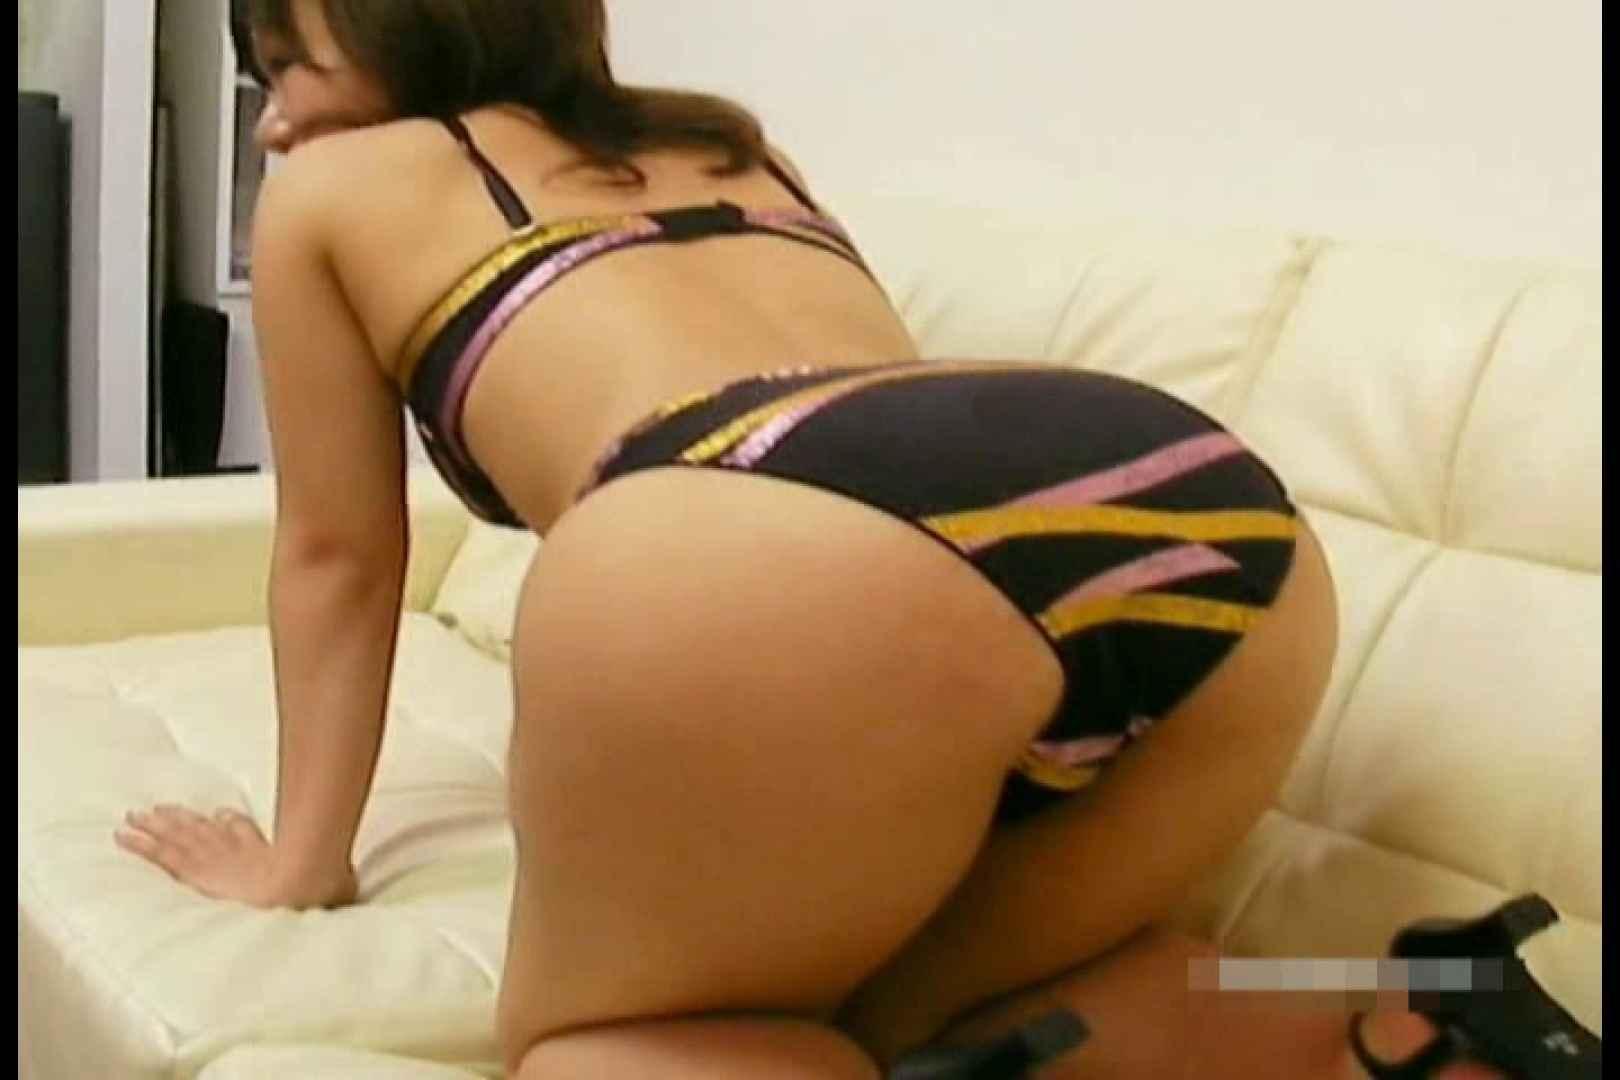 素人撮影 下着だけの撮影のはずが・・・ゆき24歳 盗撮 | 隠撮  98pic 52